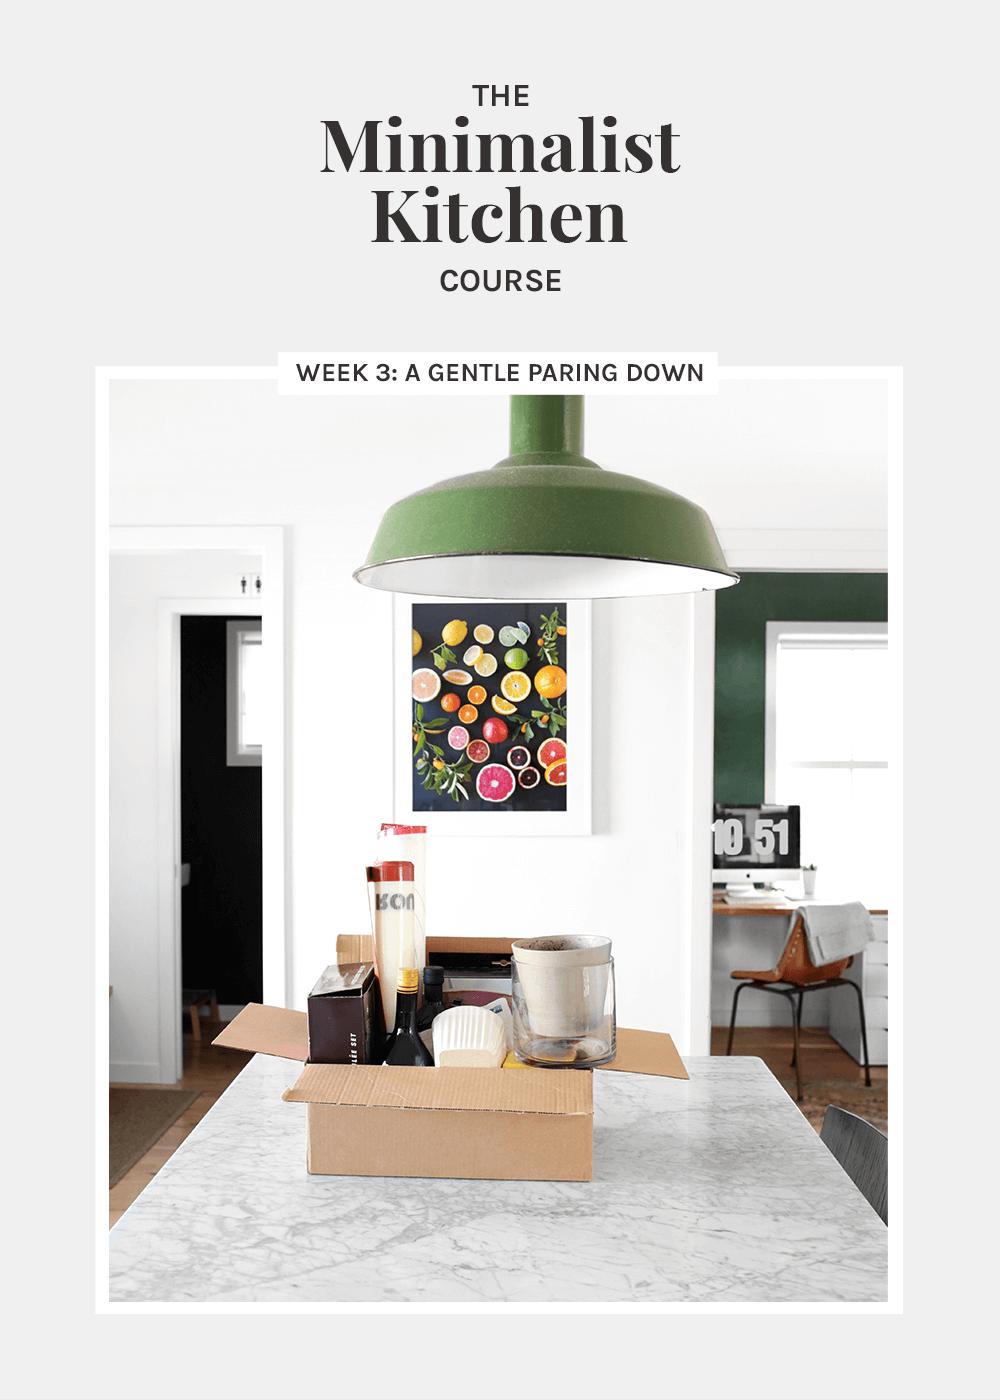 The Minimalist Kitchen Week 3: A gentle paring down